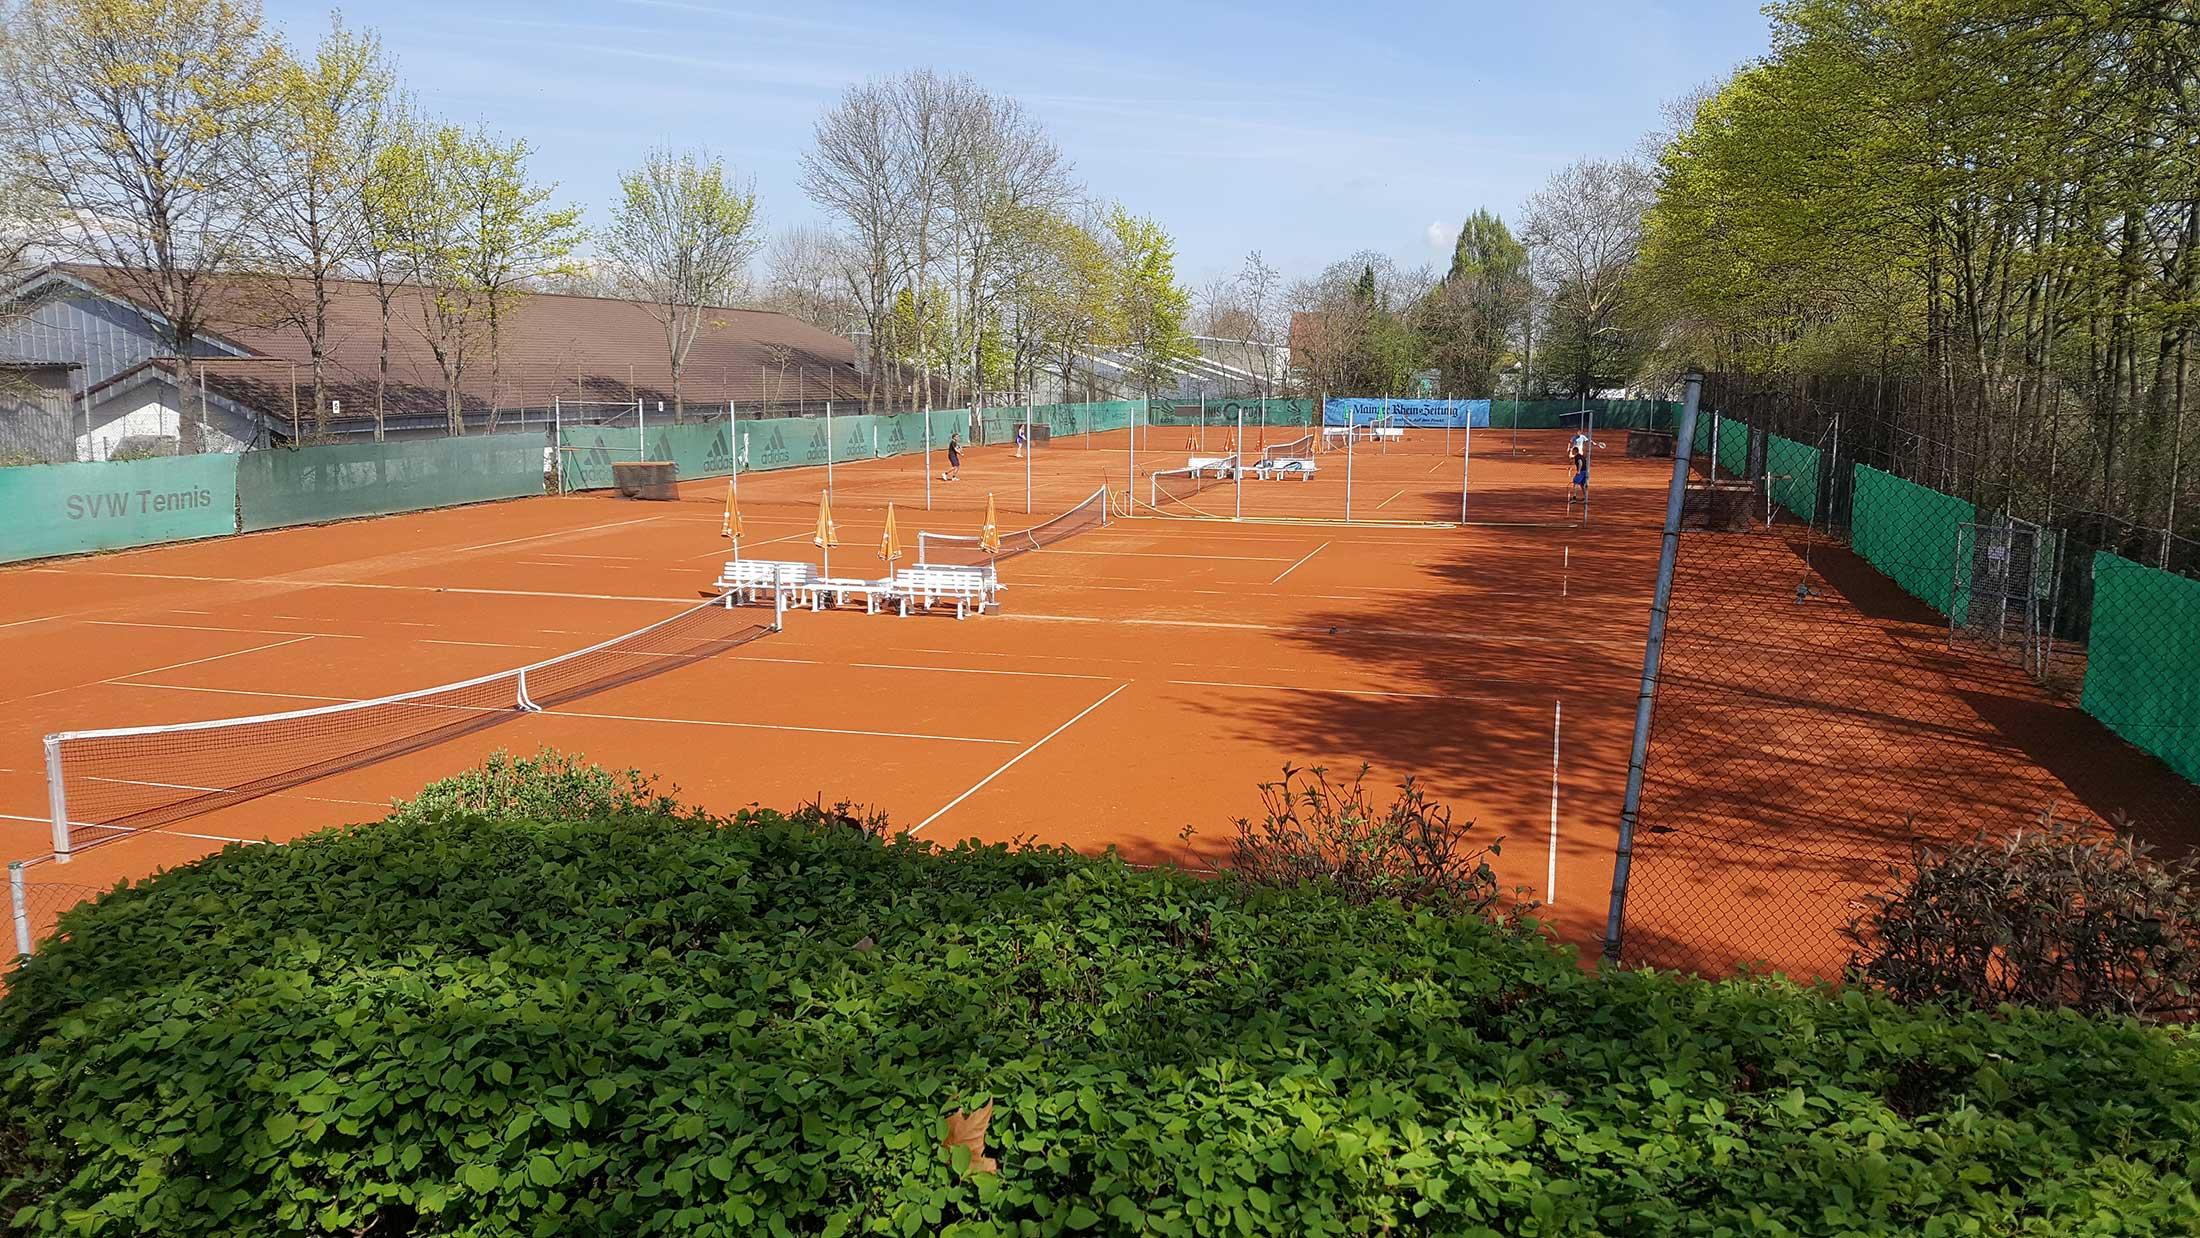 tennisplatzDE2F17DA-D057-F196-9293-E05C122AA0FD.jpg